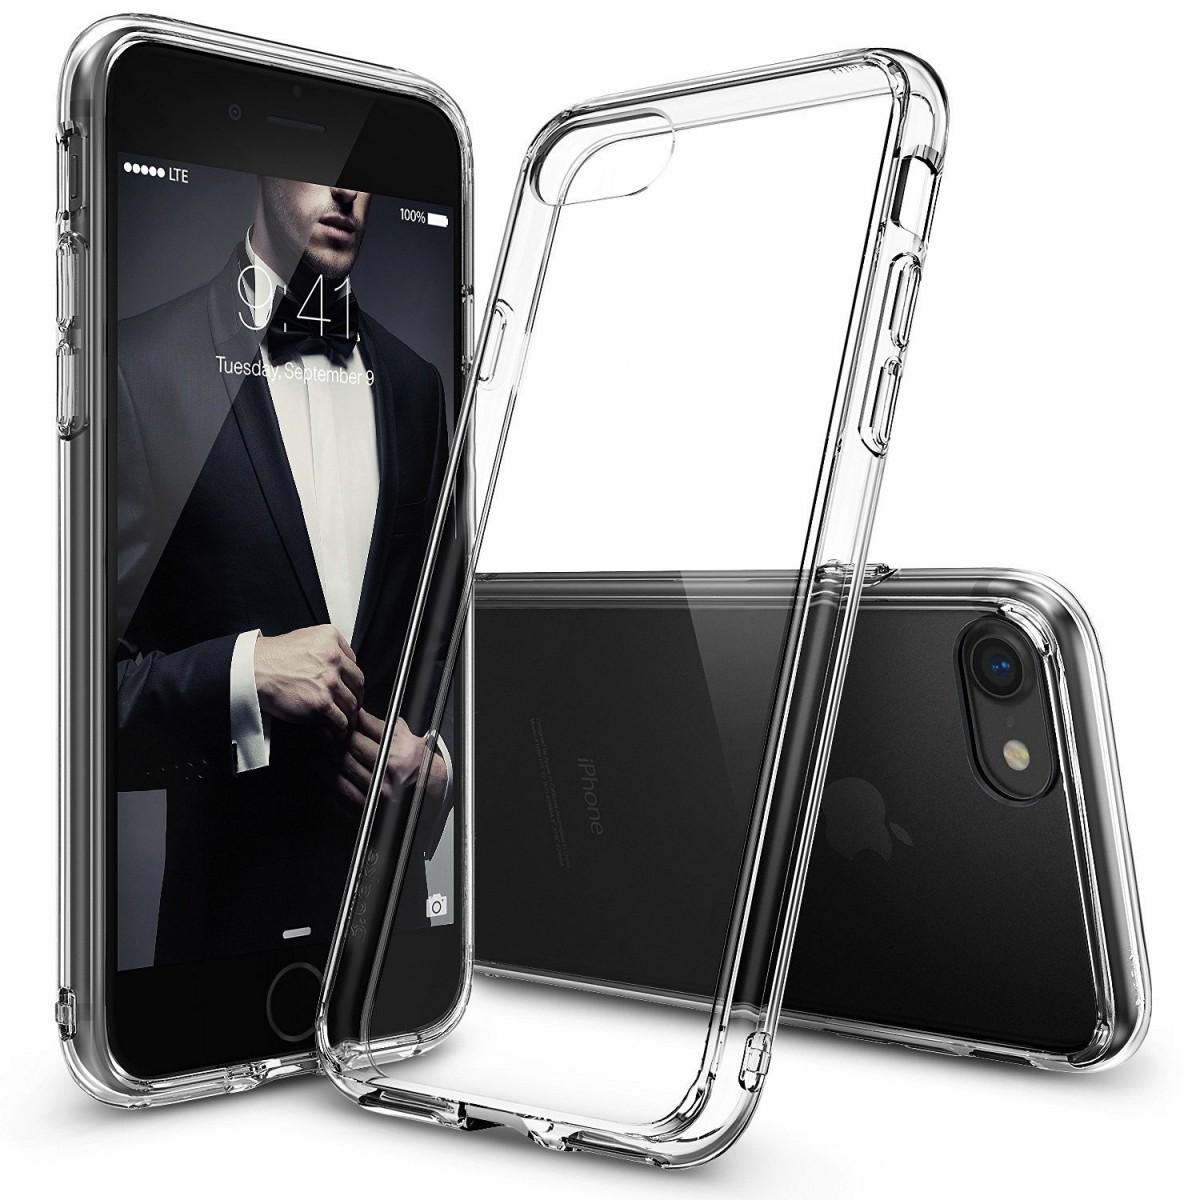 Průhledný čirý obal / kryt Ultra Slim Hybrid na iPhone 8